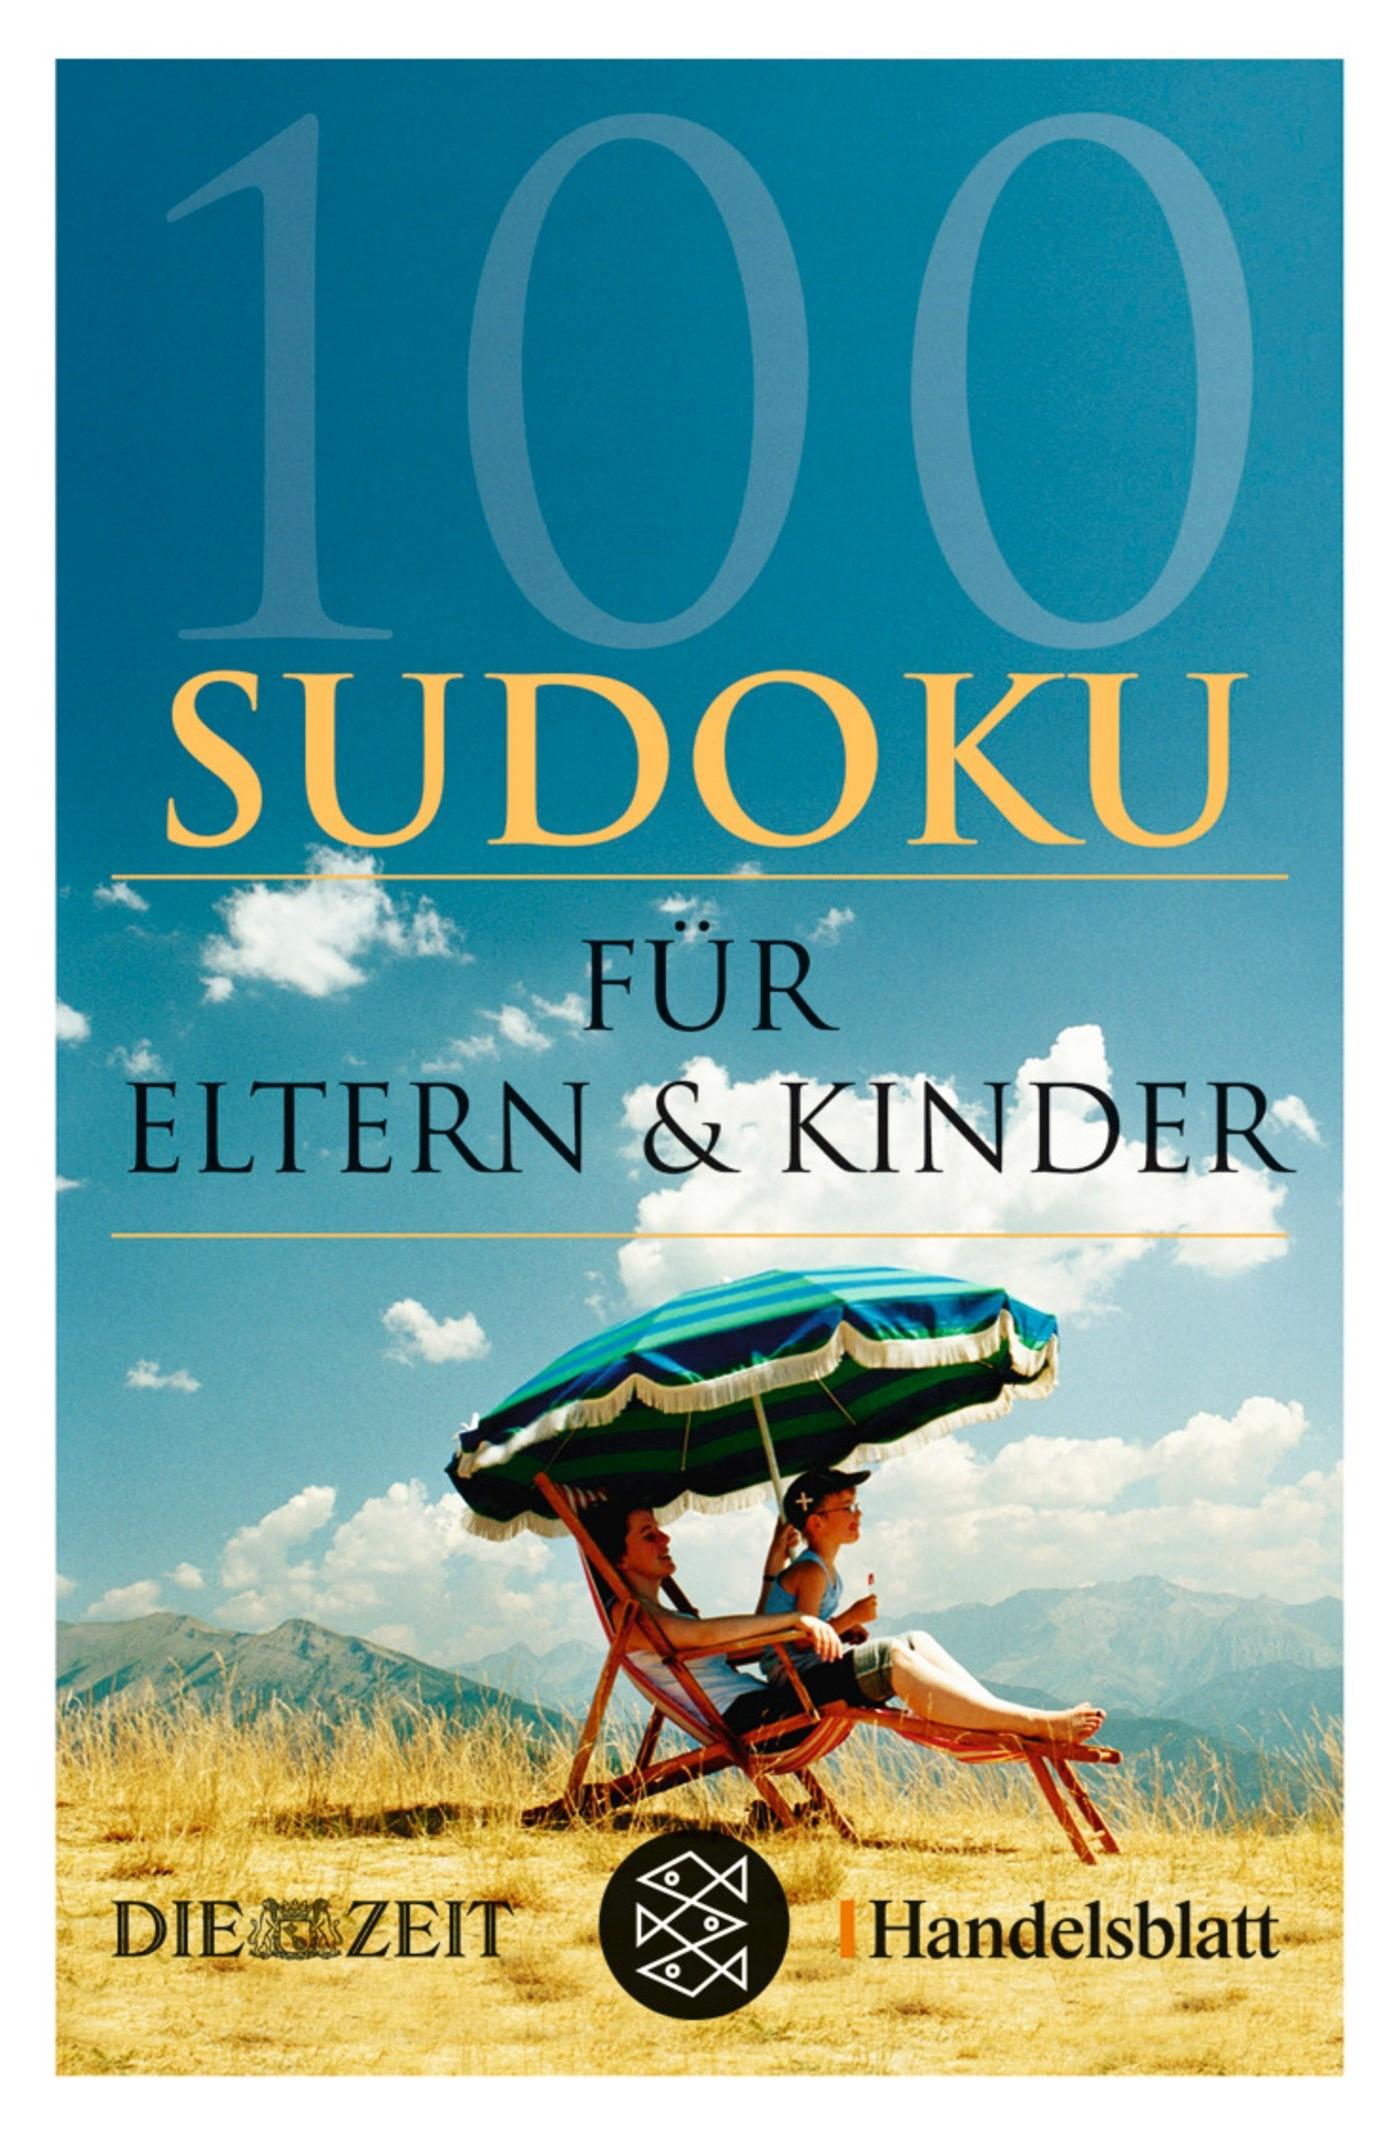 100 Sudoku für Eltern & Kinder, 2007 | Buch (Cover)